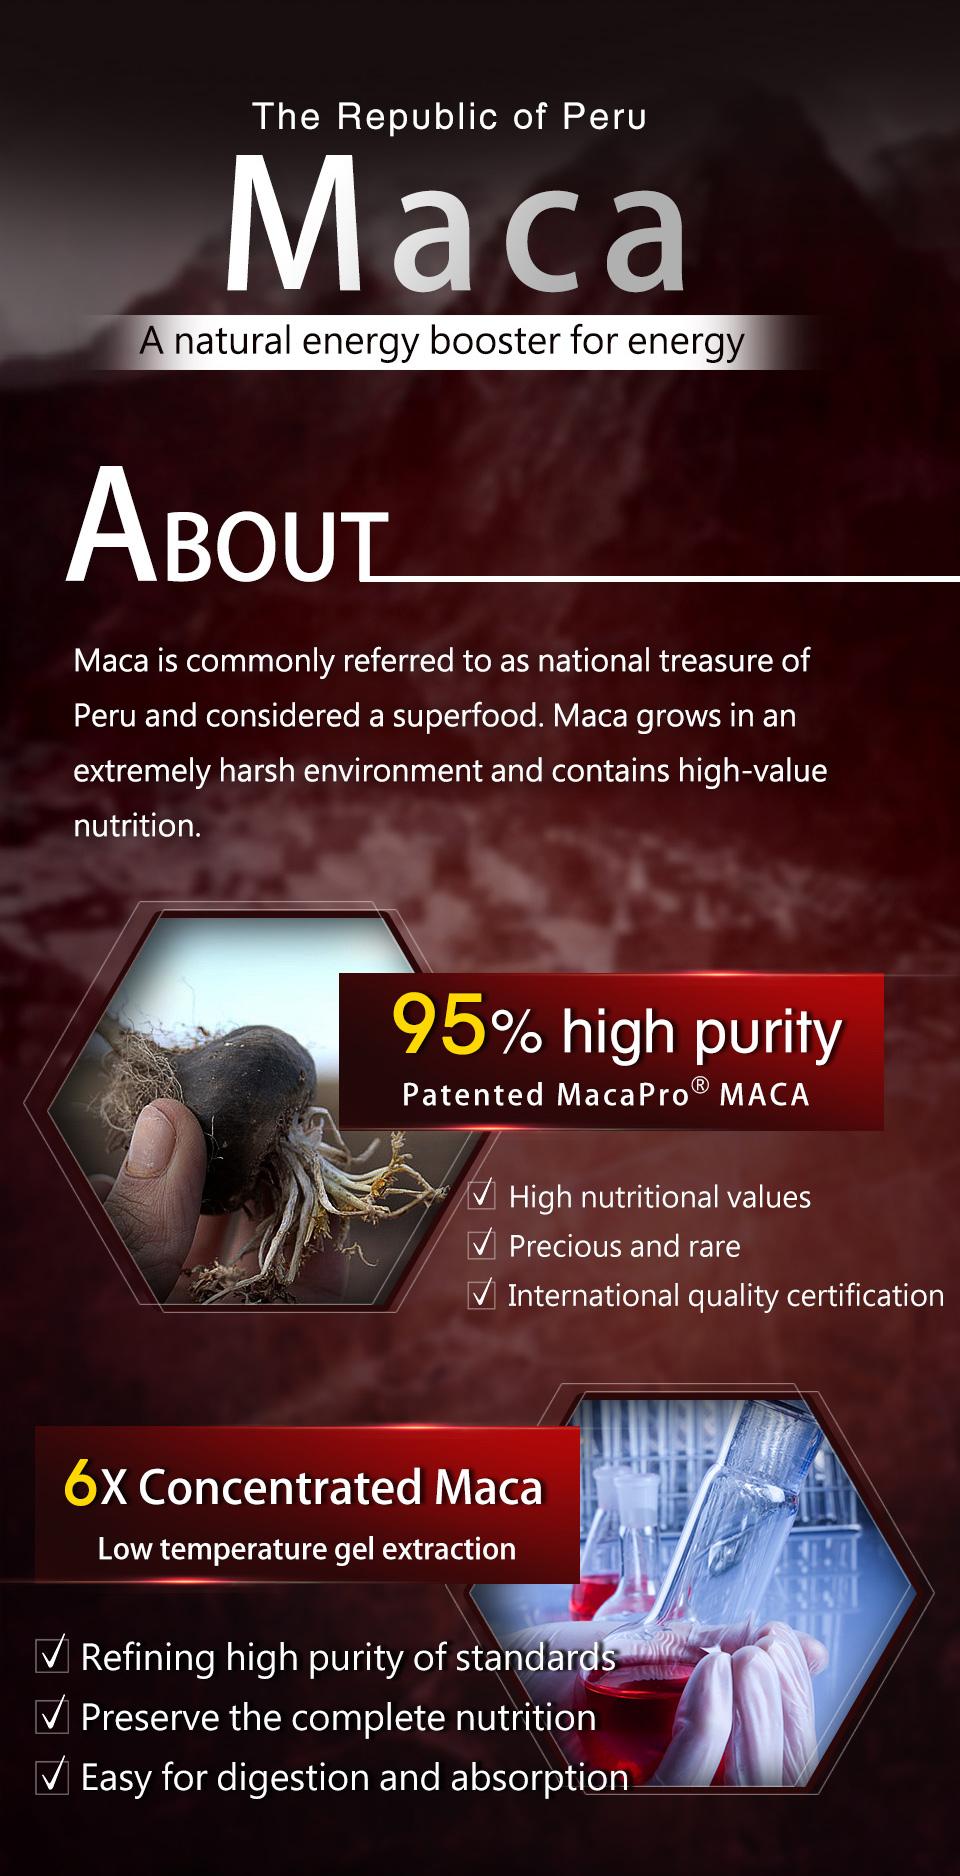 UNIQMAN採用95%吸收率的頂級黑紅馬卡,6倍濃縮萃取